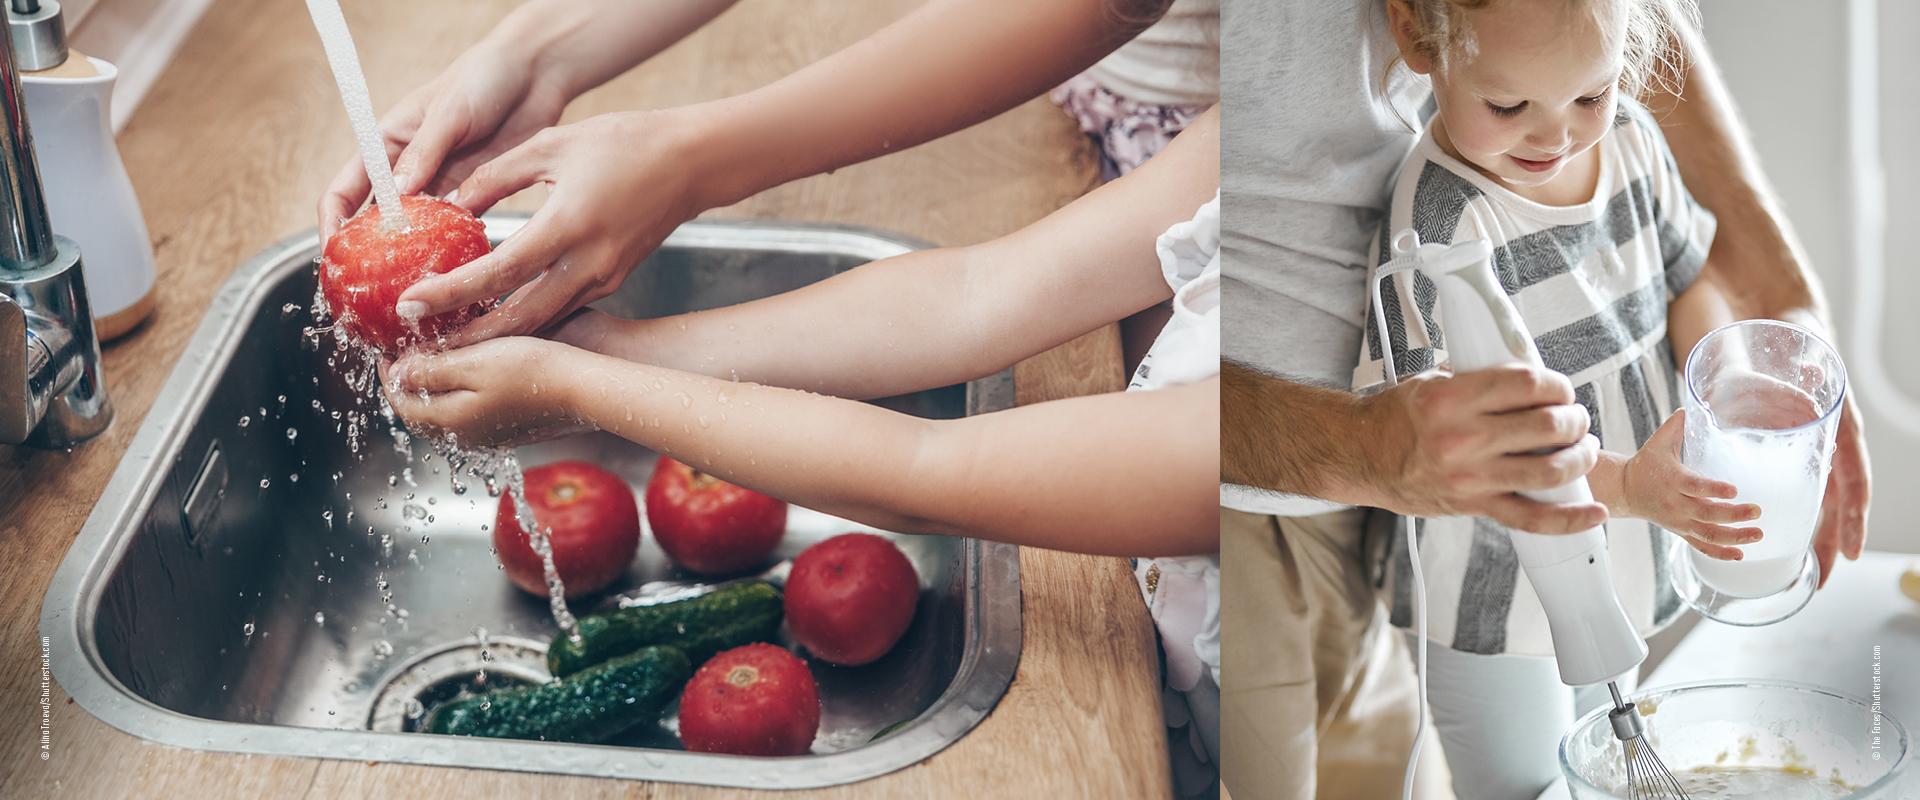 Kochen_mit_Kindern_Gemüse_waschen